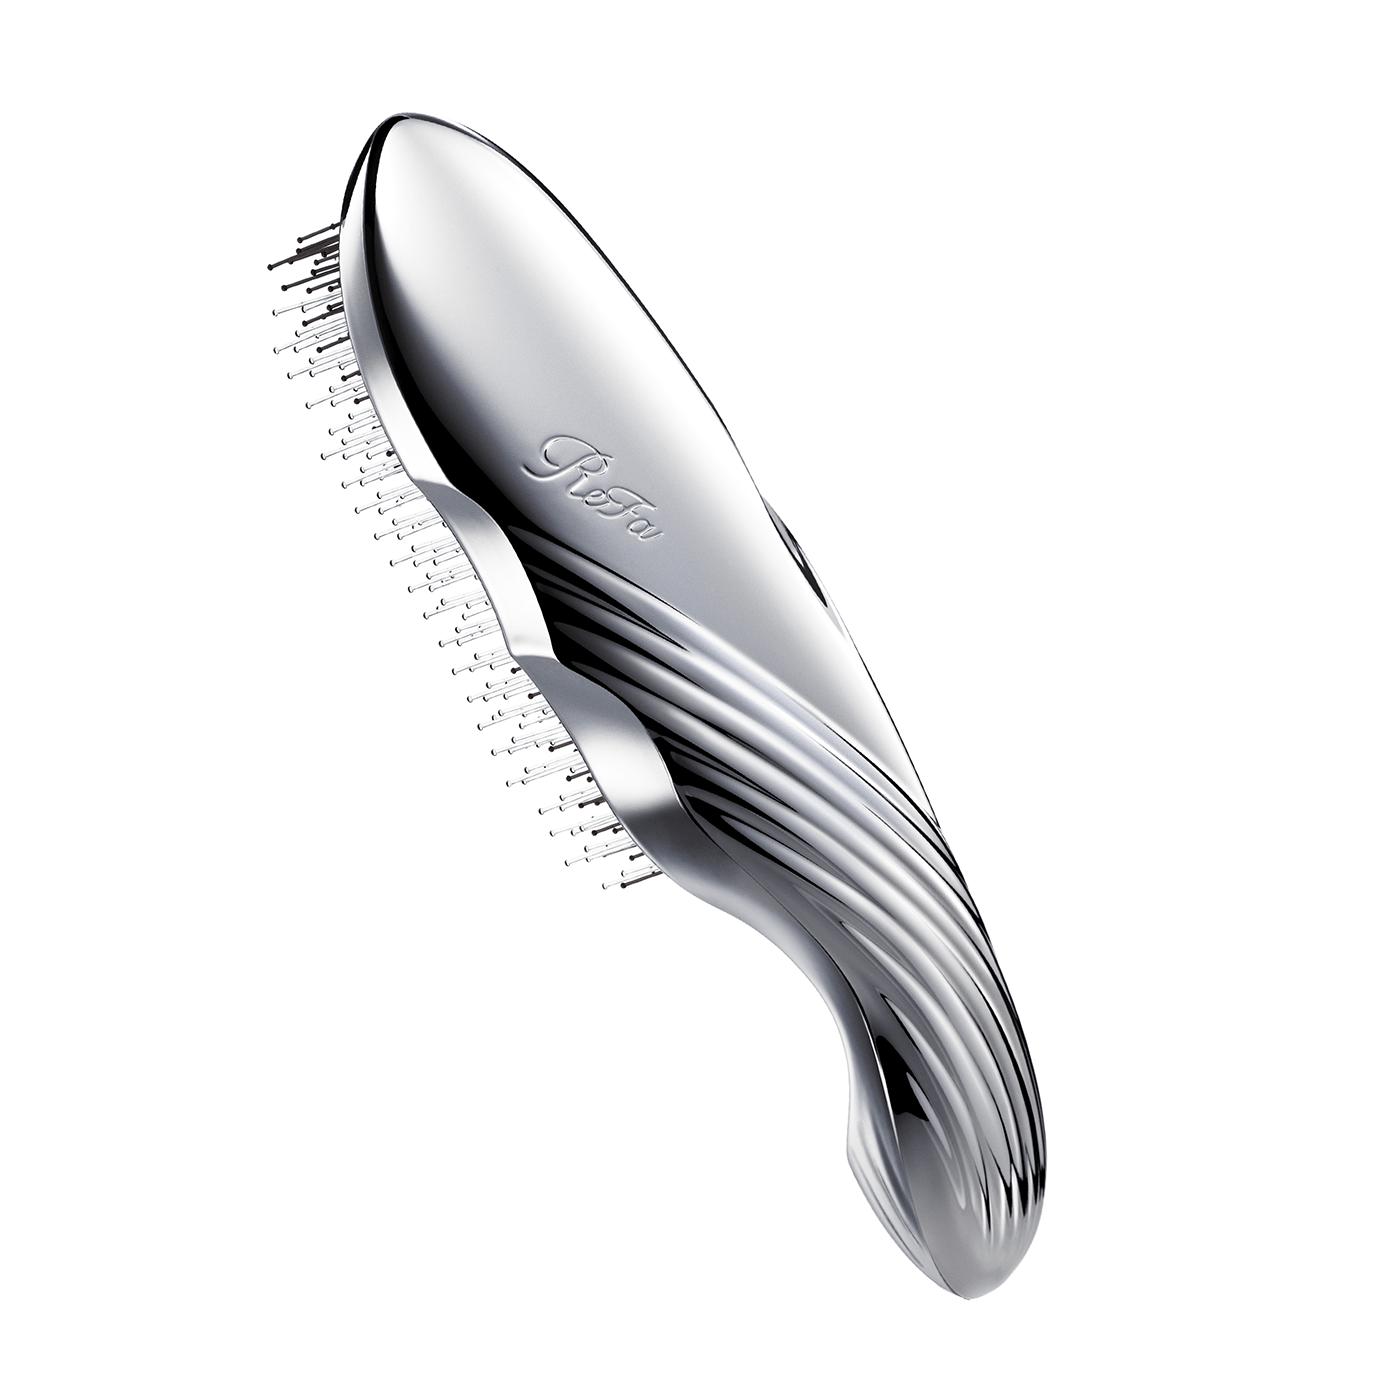 毎日の毛穴ブラッシングですっきりとすこやかな頭皮へ「ReFa ION CARE BRUSH(リファイオンケアブラシ)」新発売